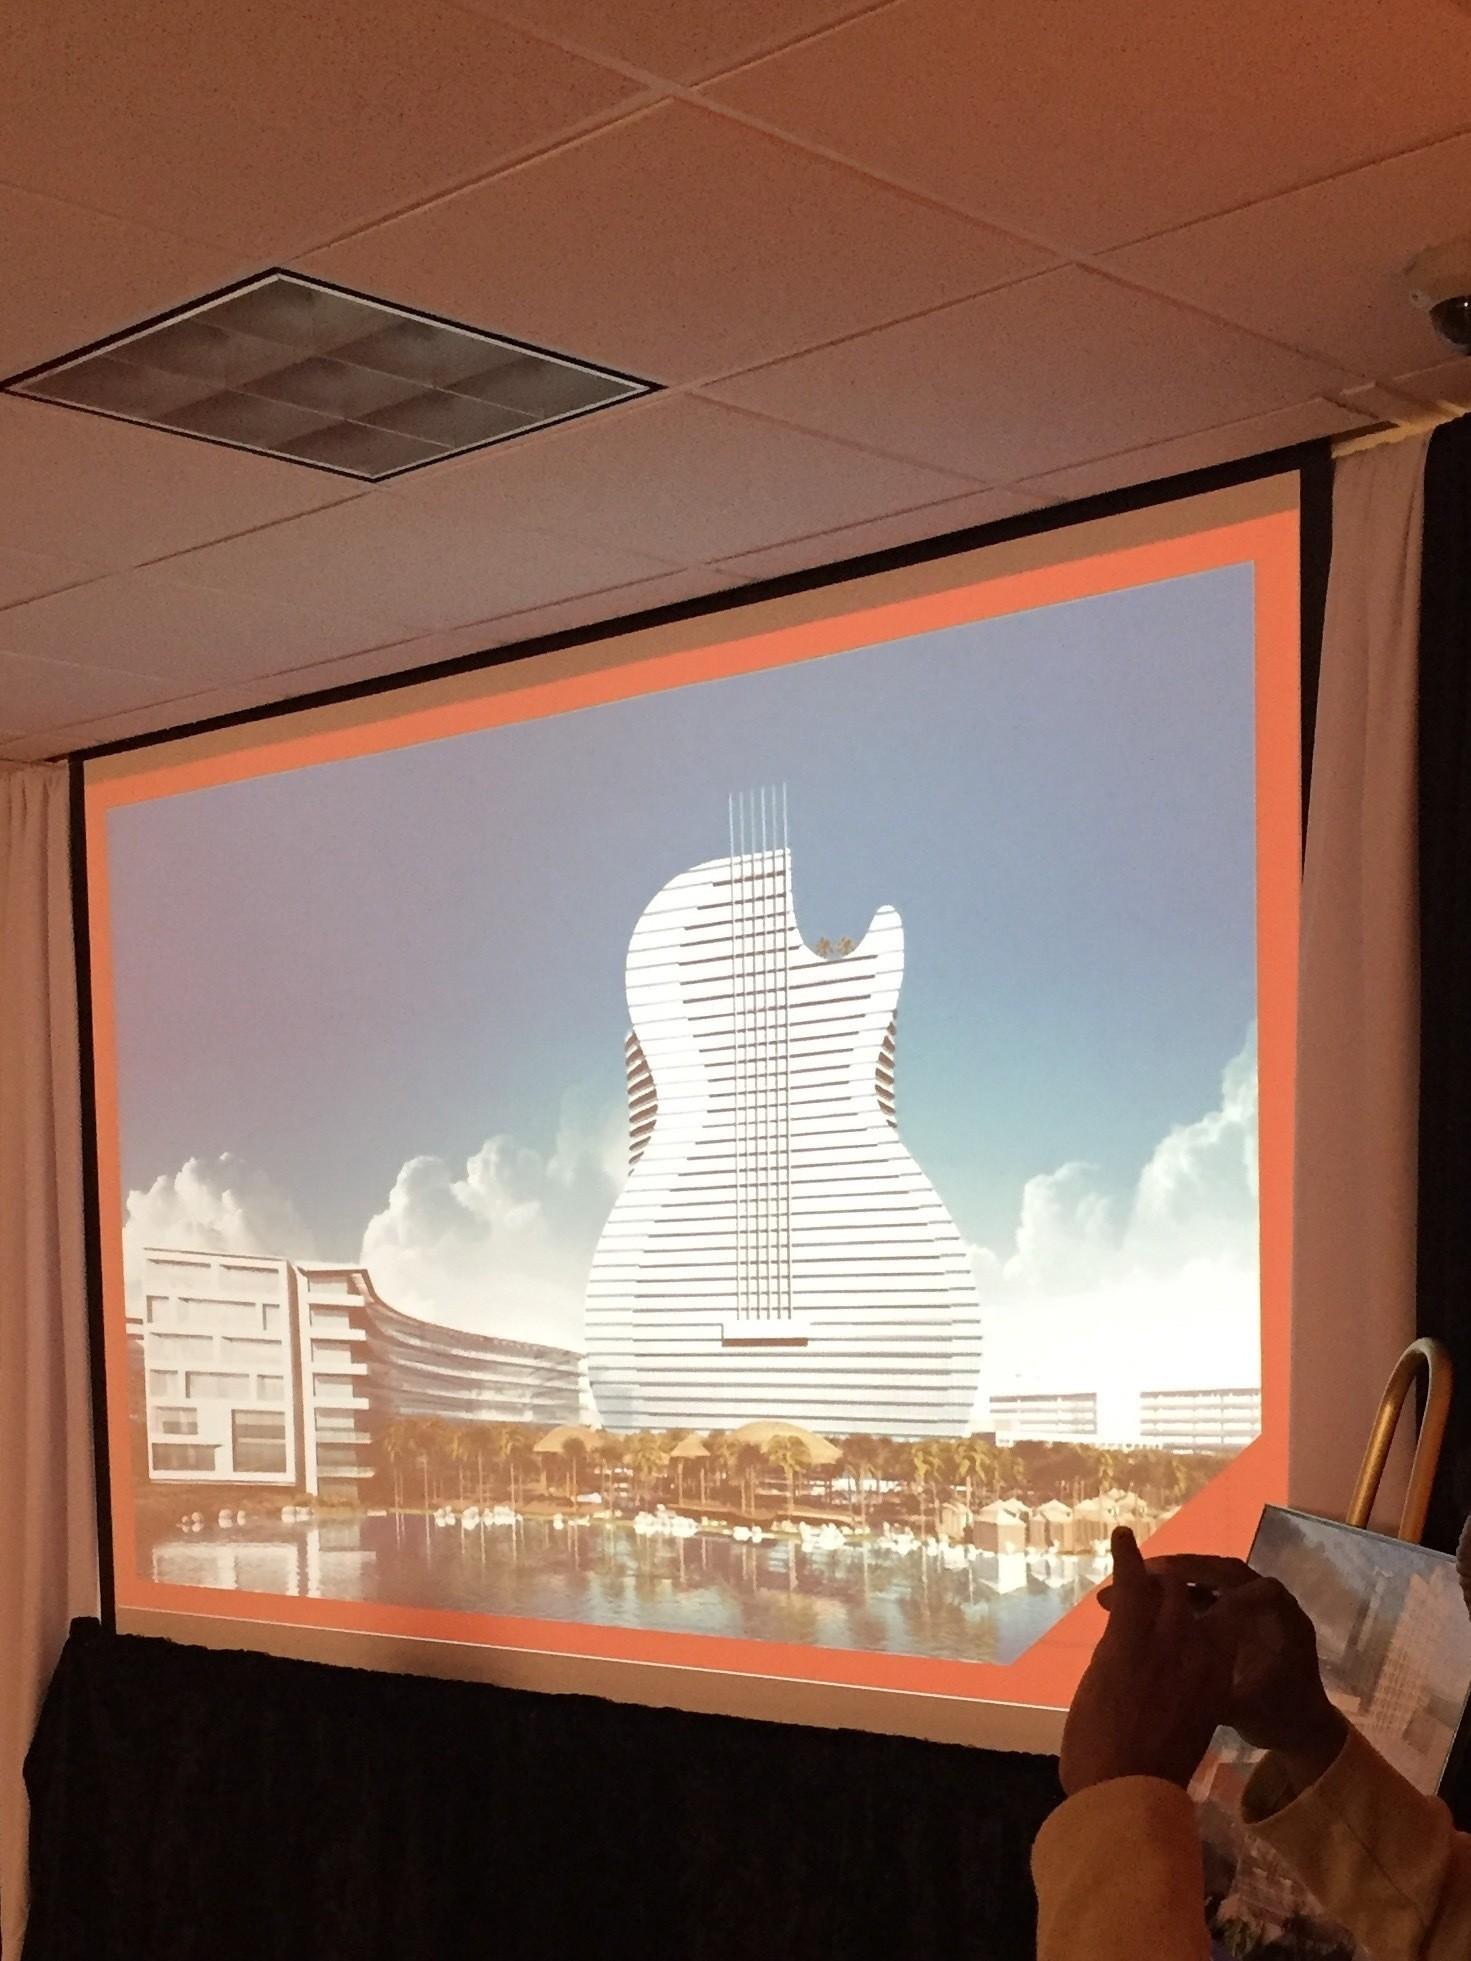 seminoles unveil plans for guitar-shaped hotel, expansion - sun